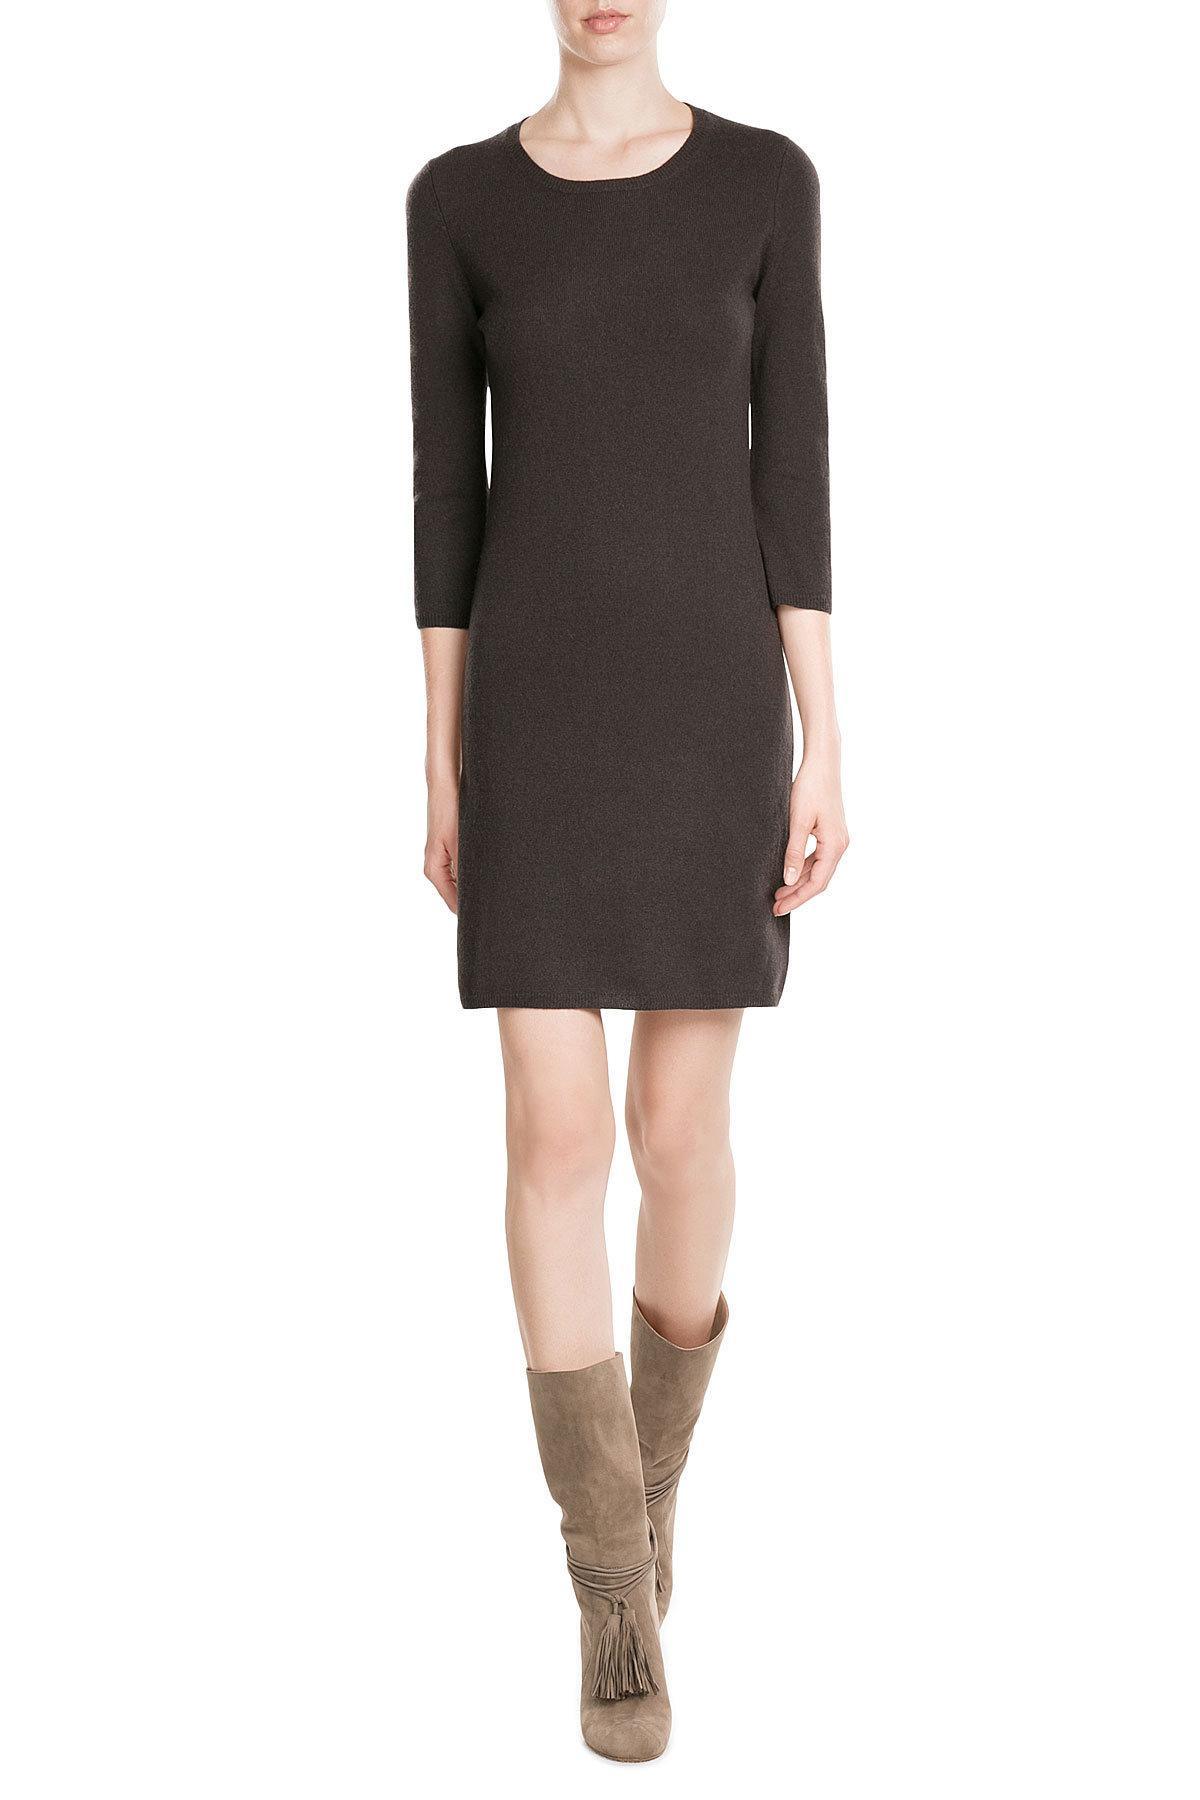 iris von arnim cashmere dress in black lyst. Black Bedroom Furniture Sets. Home Design Ideas